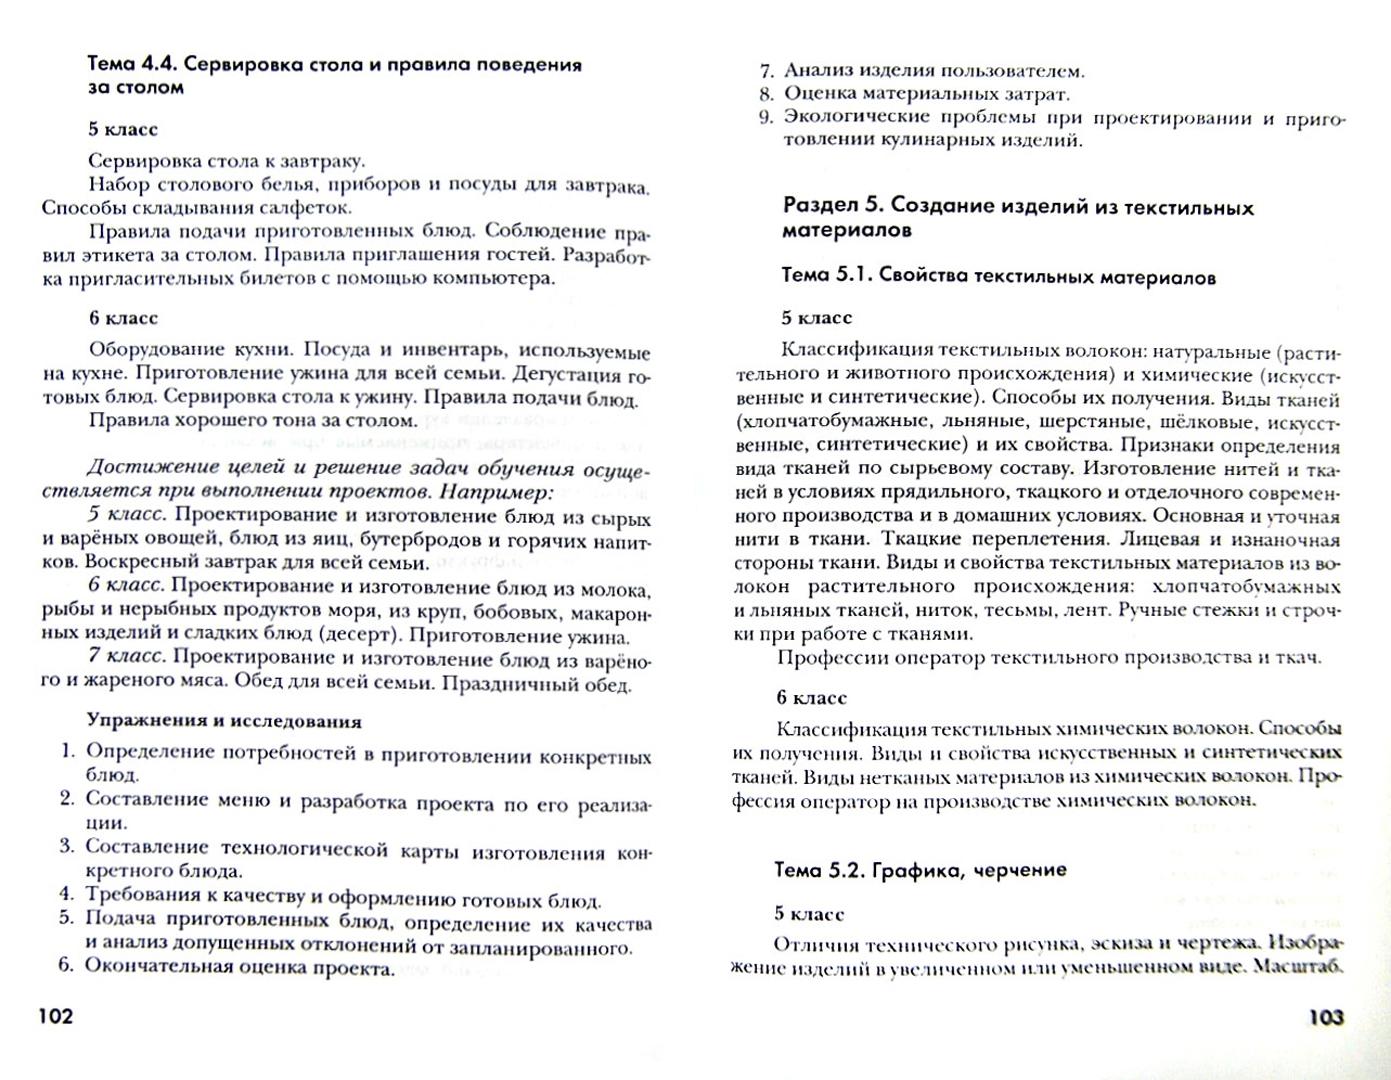 Иллюстрация 2 из 2 для Технология. 5-8 классы. Программа. ФГОС (+CD) - Ирина Сасова   Лабиринт - книги. Источник: Лабиринт